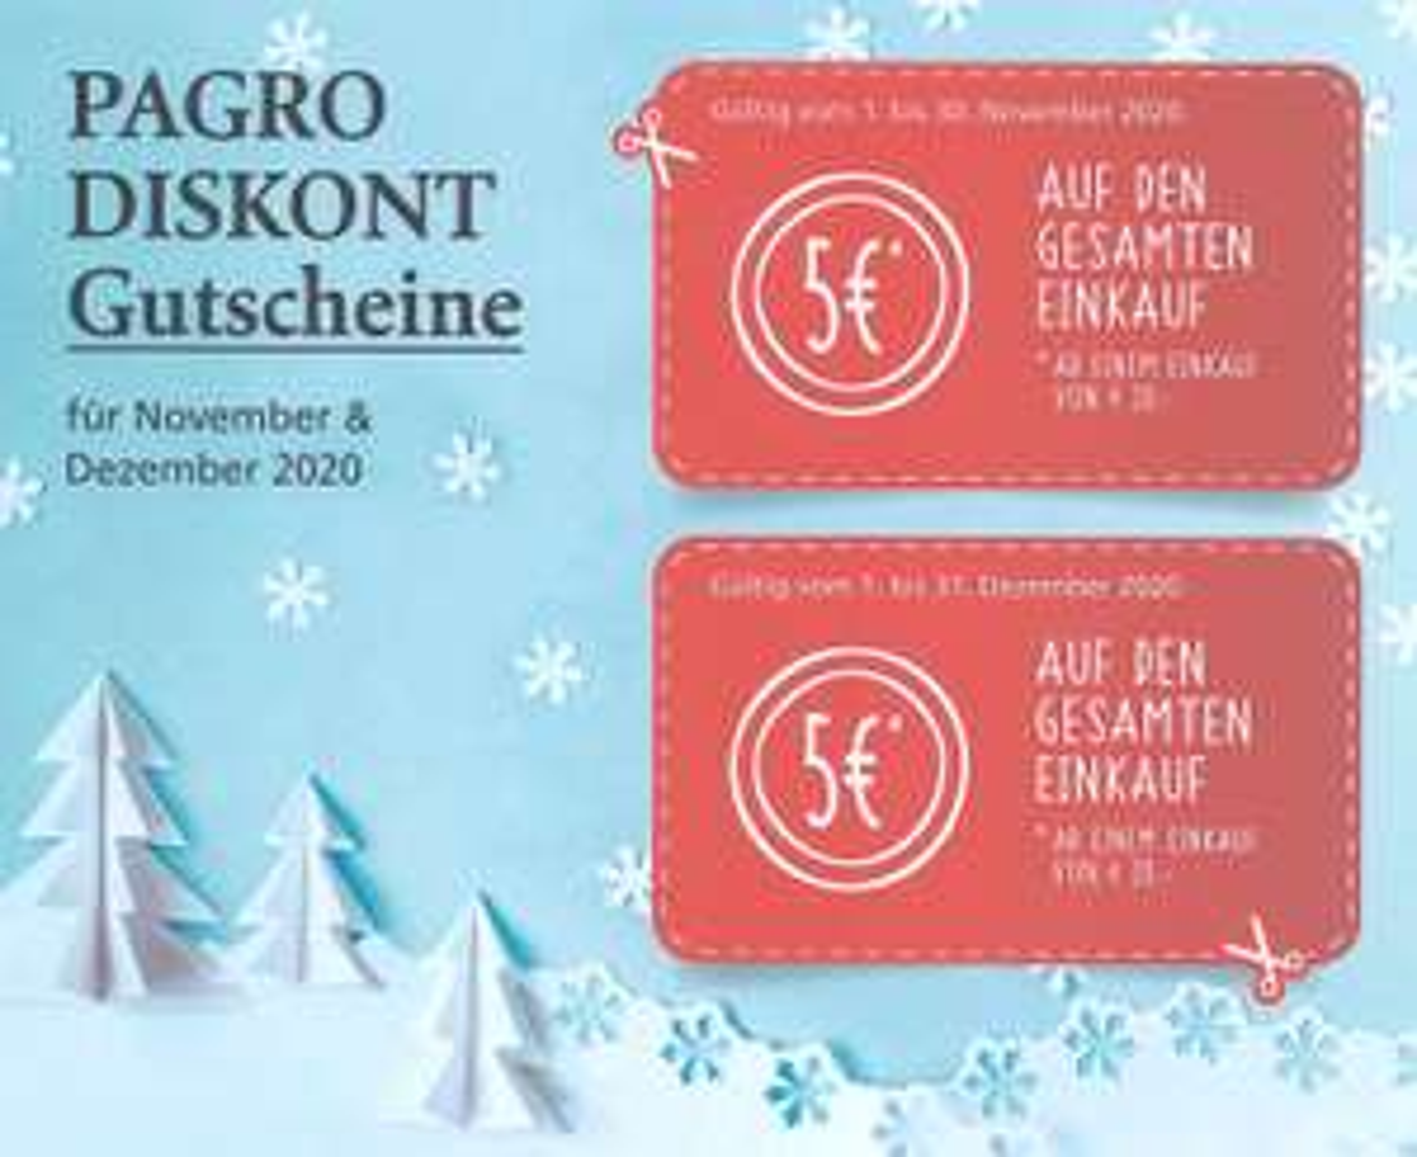 PAGRO-Diskont: 2 Gutscheine -5 € ab jeweils 20 € Einkaufswert